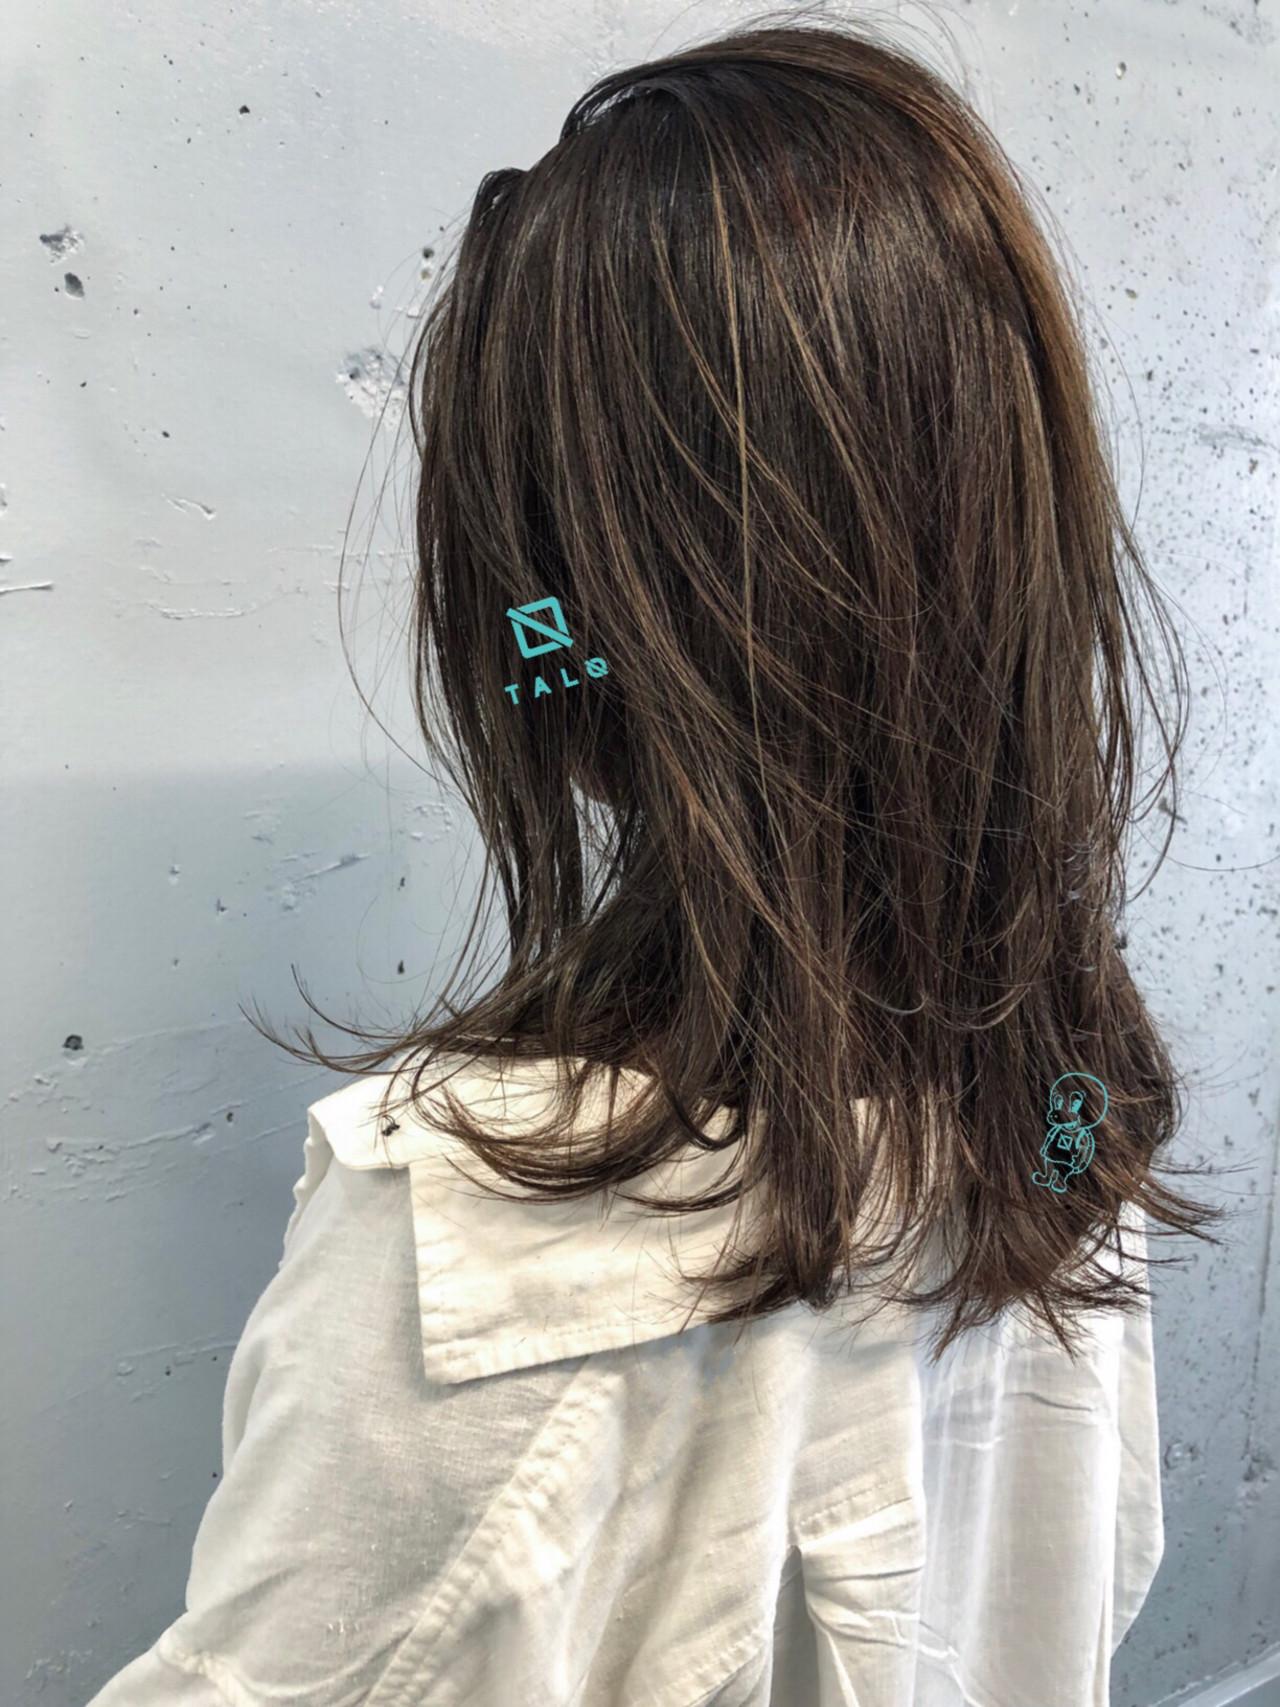 ナチュラル 成人式 ヘアアレンジ ロング ヘアスタイルや髪型の写真・画像 | 山﨑 隆太/TALO / TALO